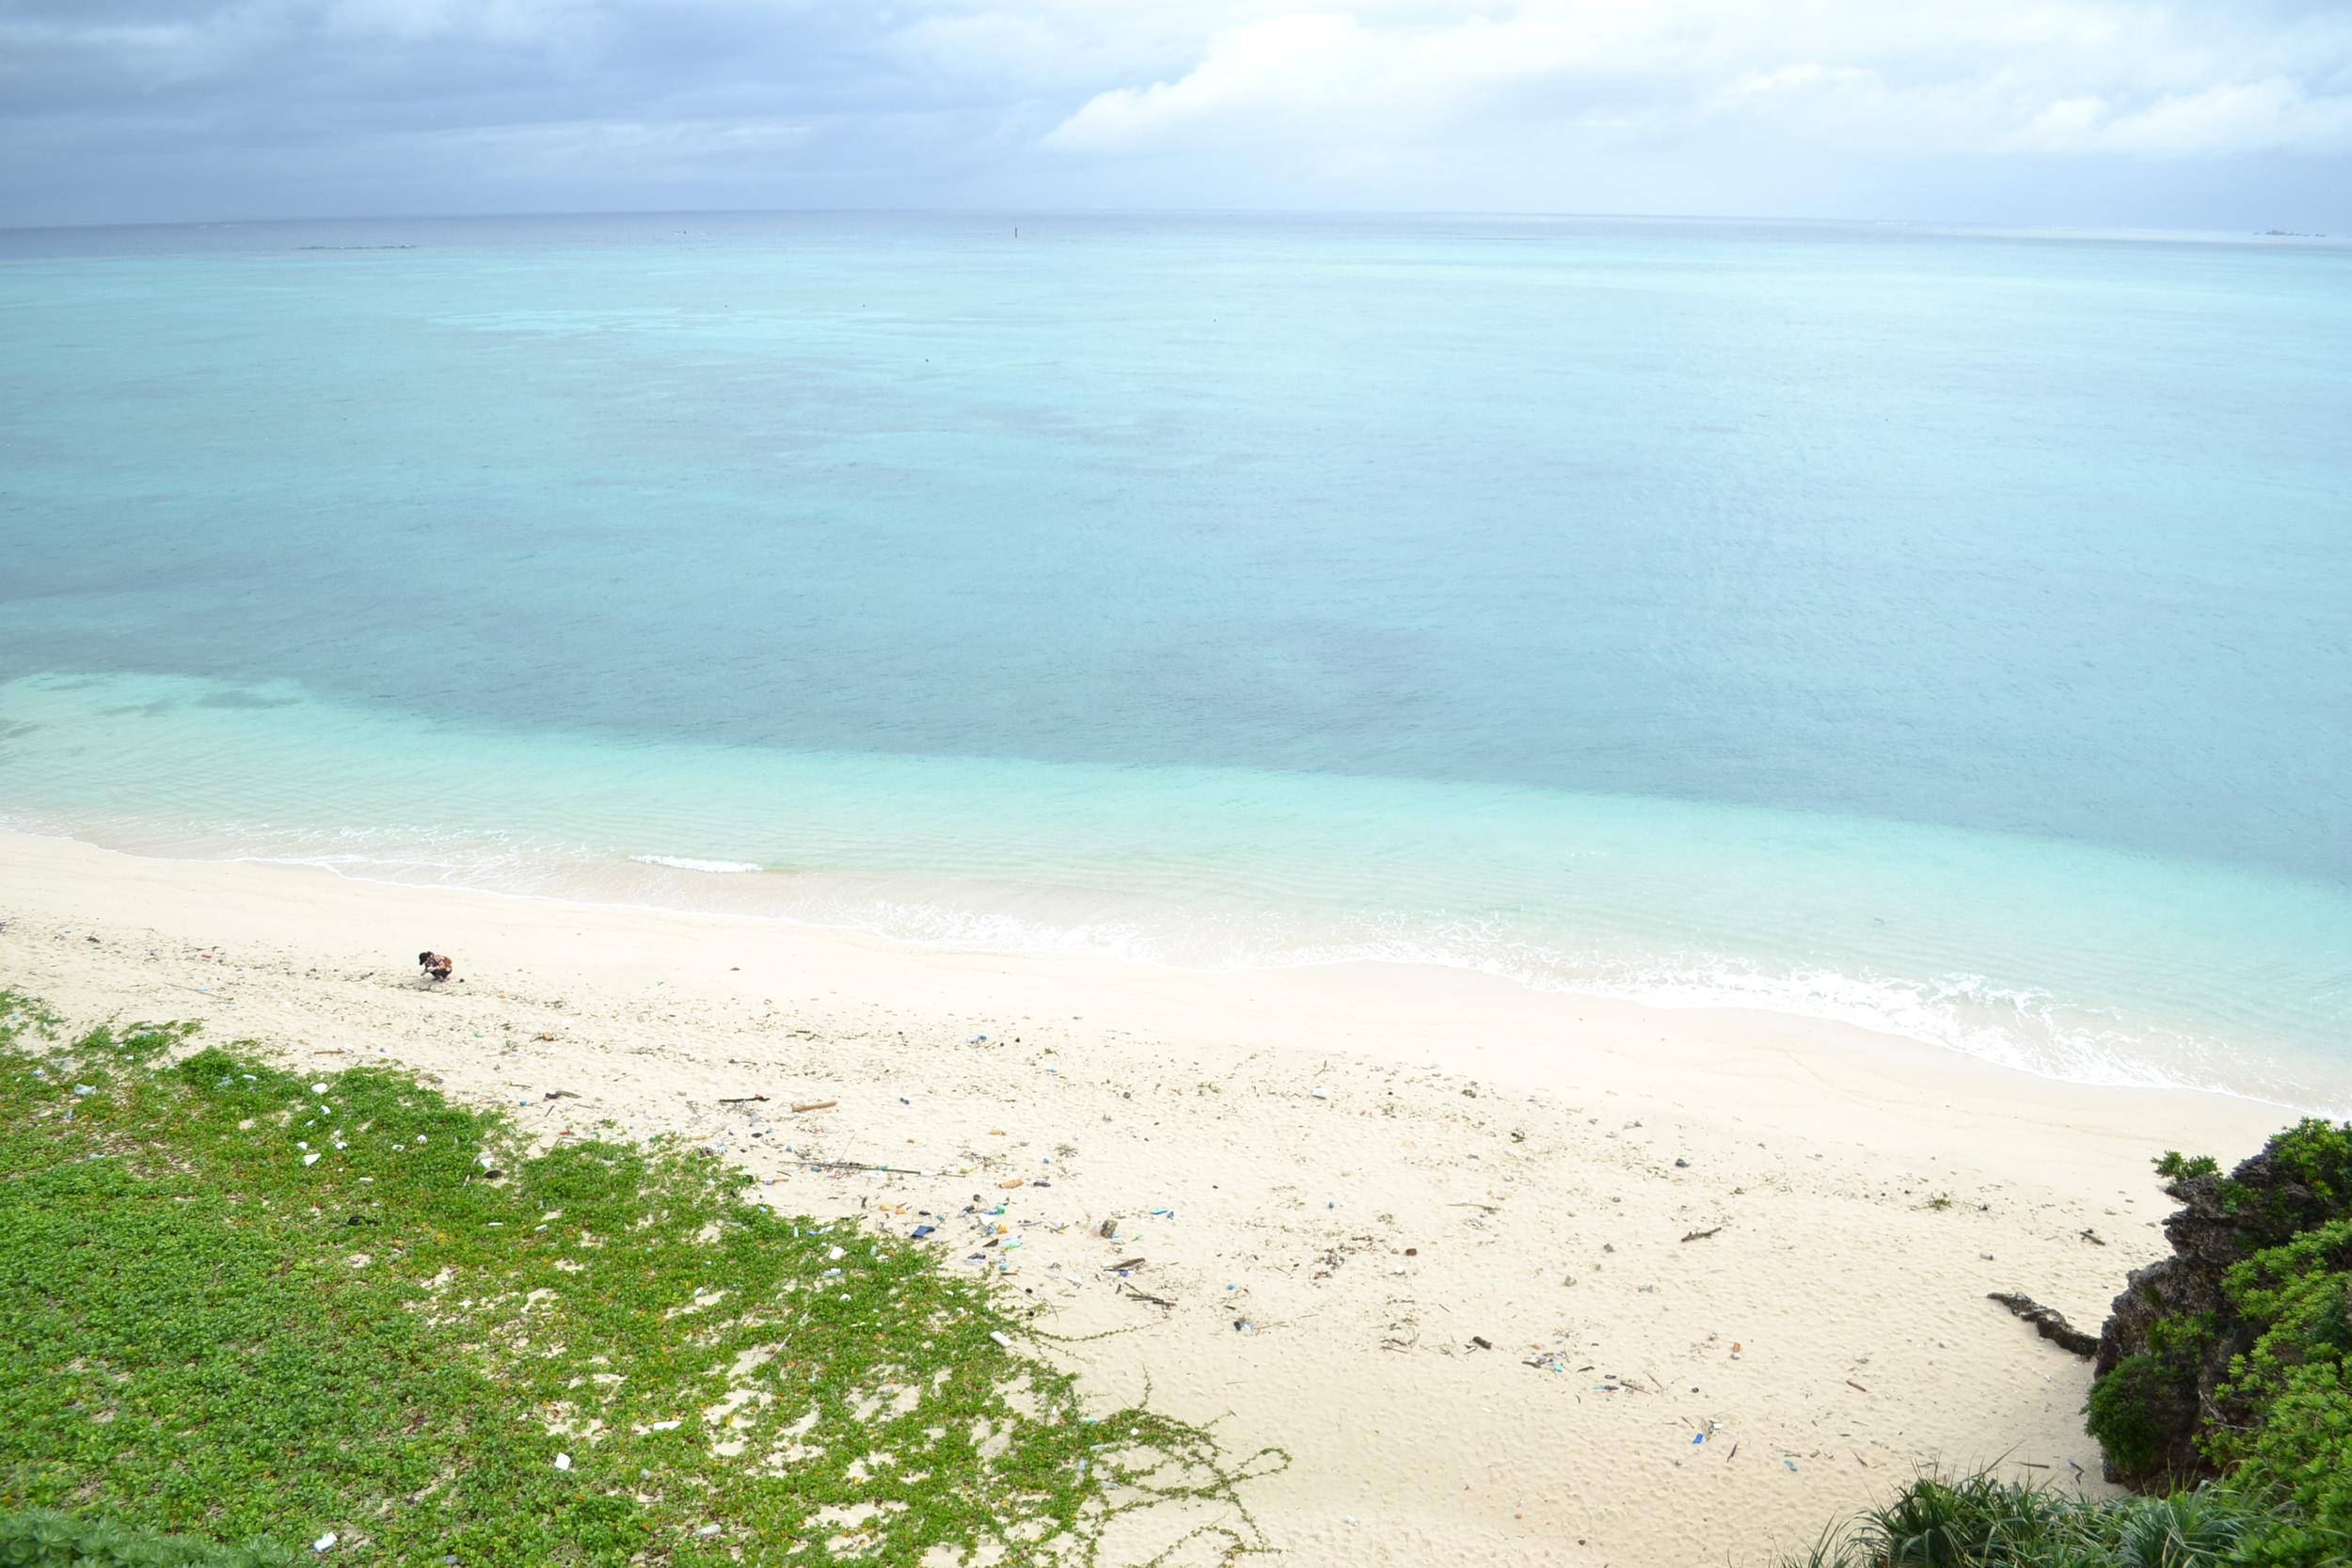 Aguas turquesas cristalinas, arena blanca, corales, sin gente: perfecto.